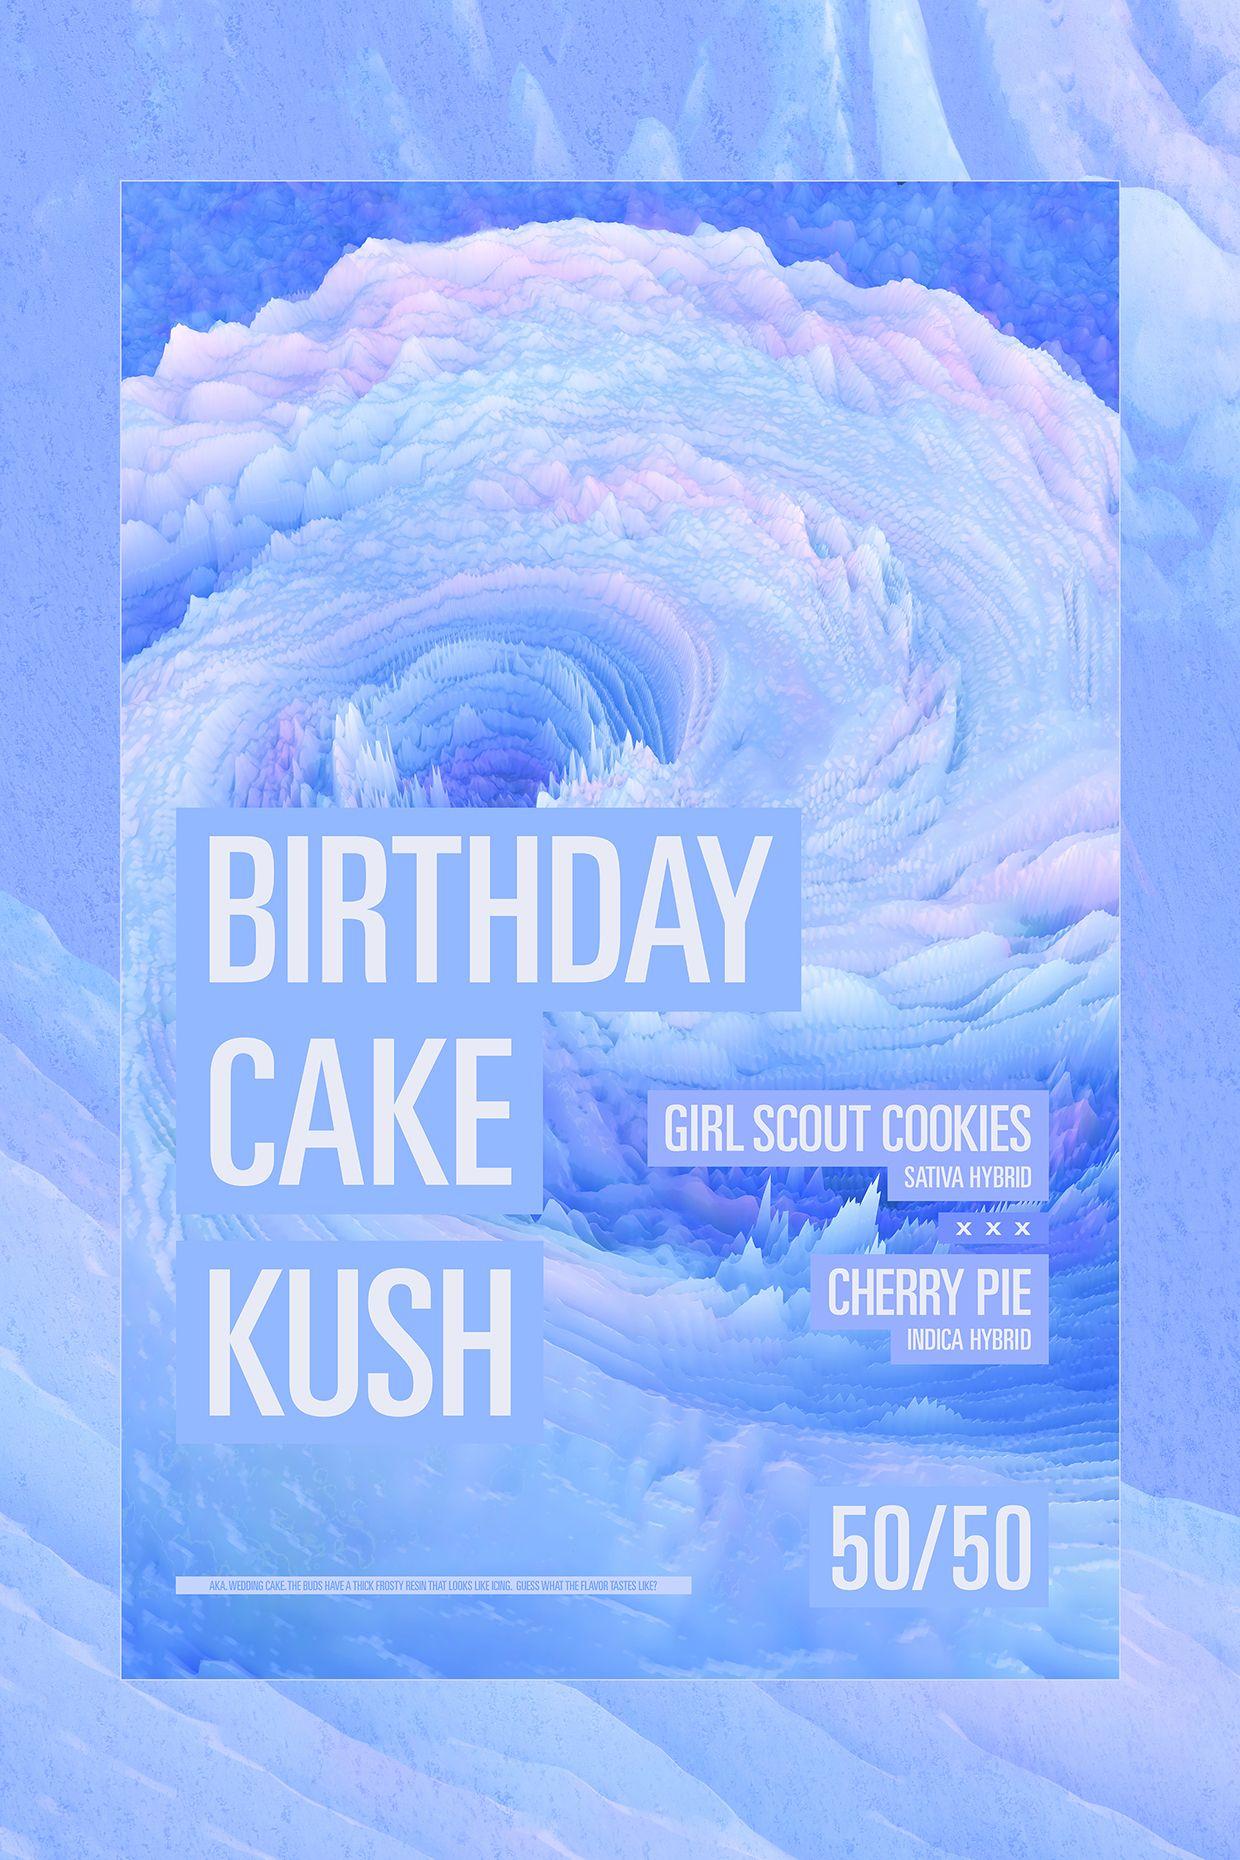 Strain Birthday Cake Kush Marijuana Poster On Behance Abstract Art